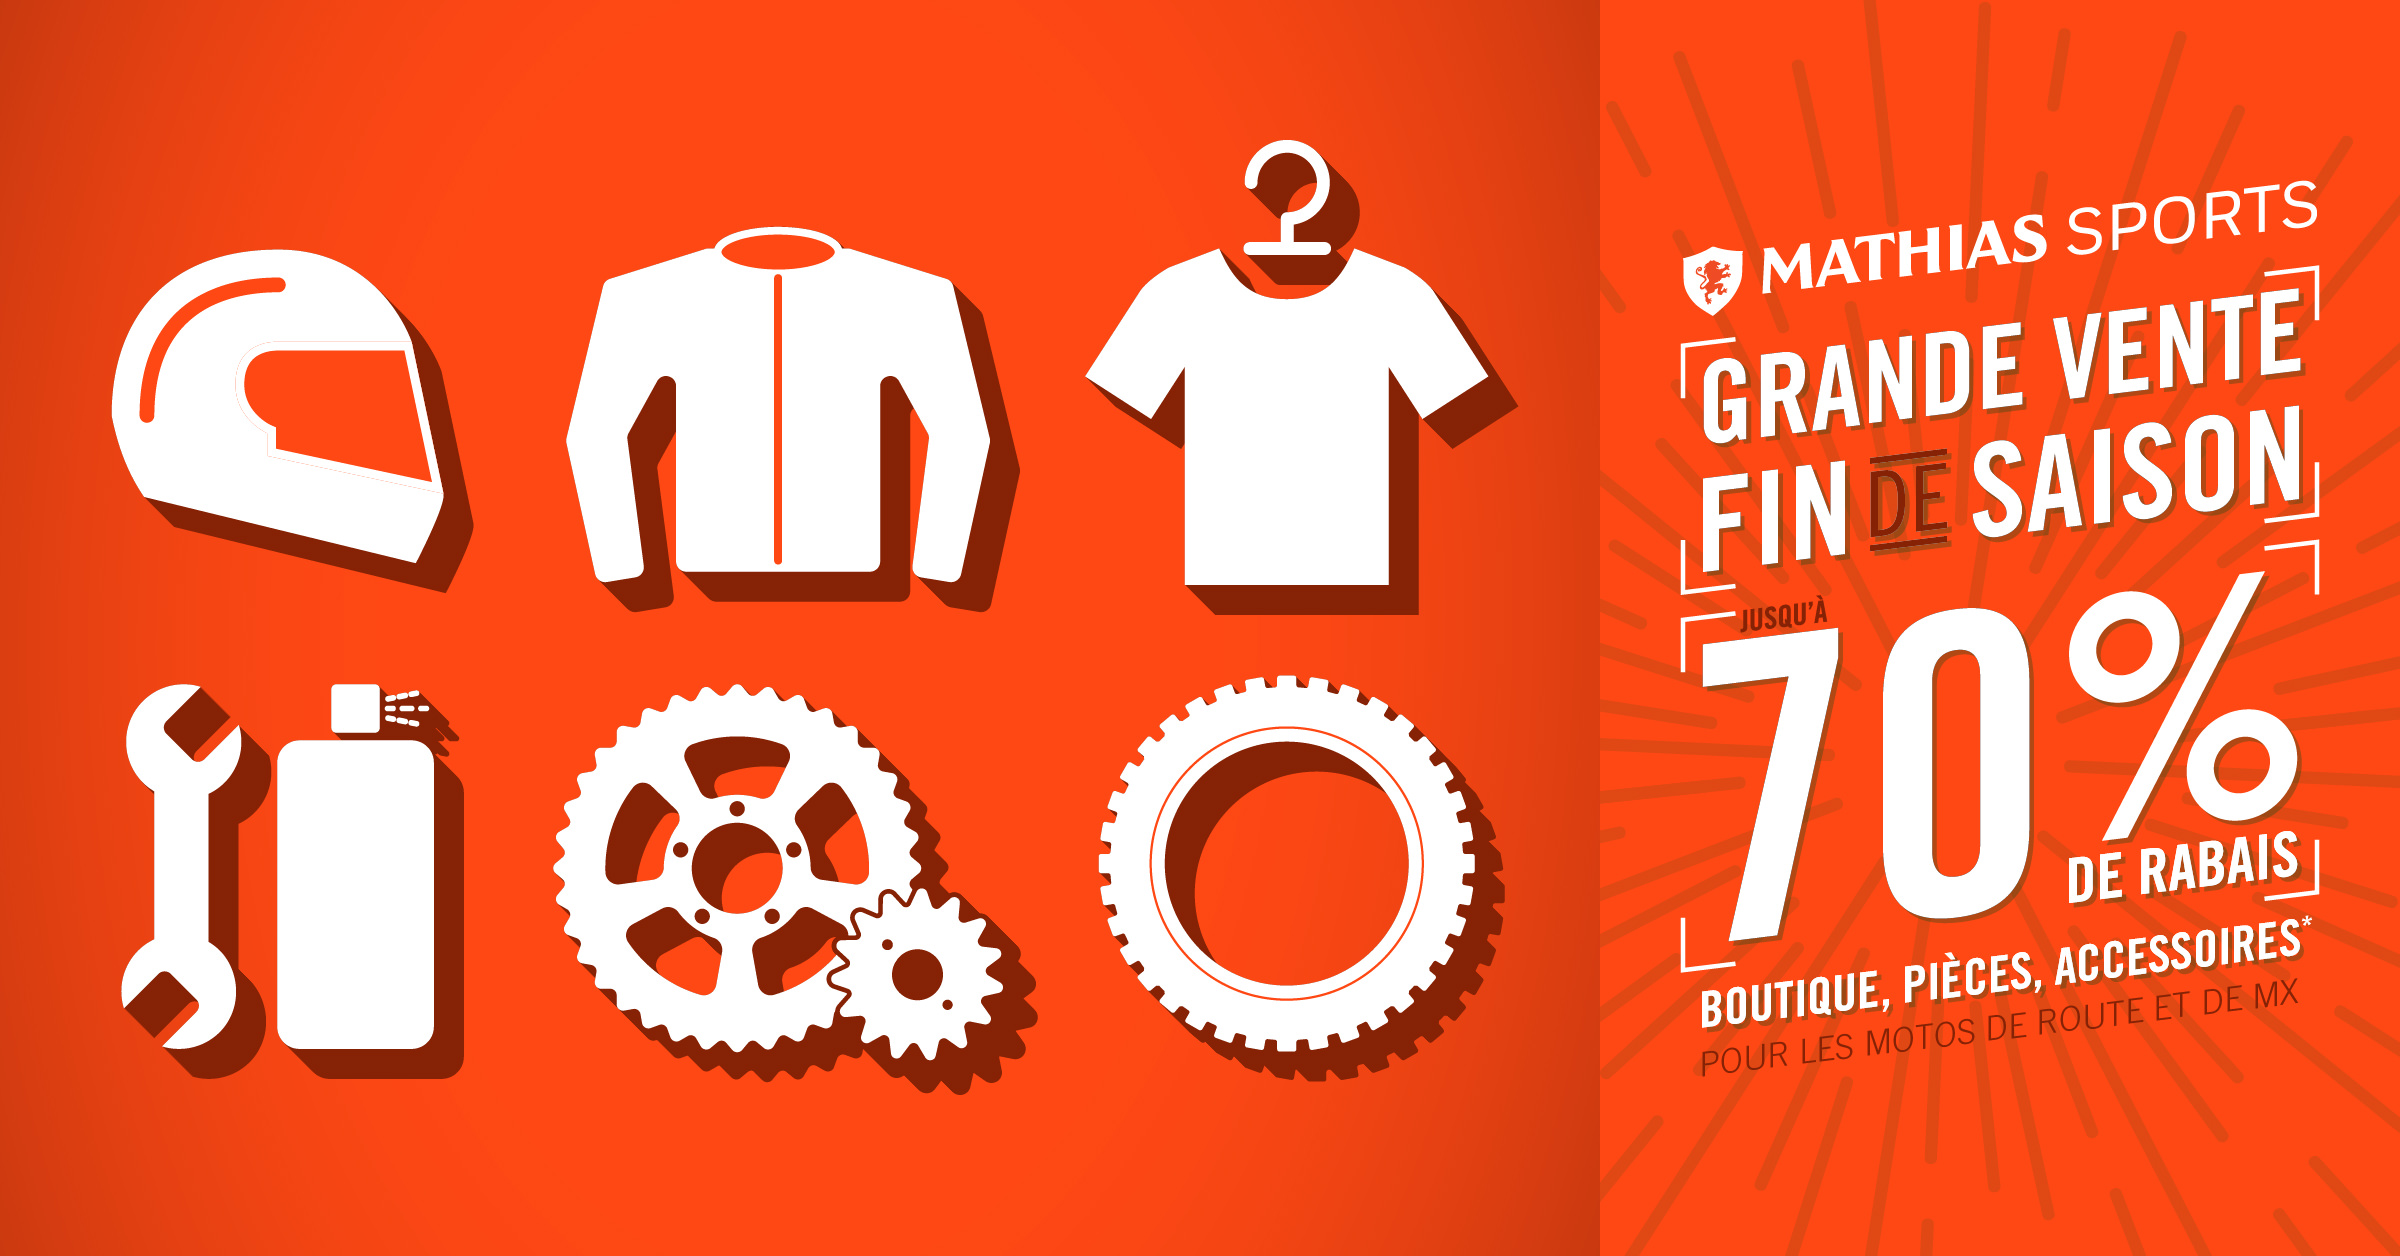 Boutique, pièces, accessoires: c'est la Grande vente de fin de saison !